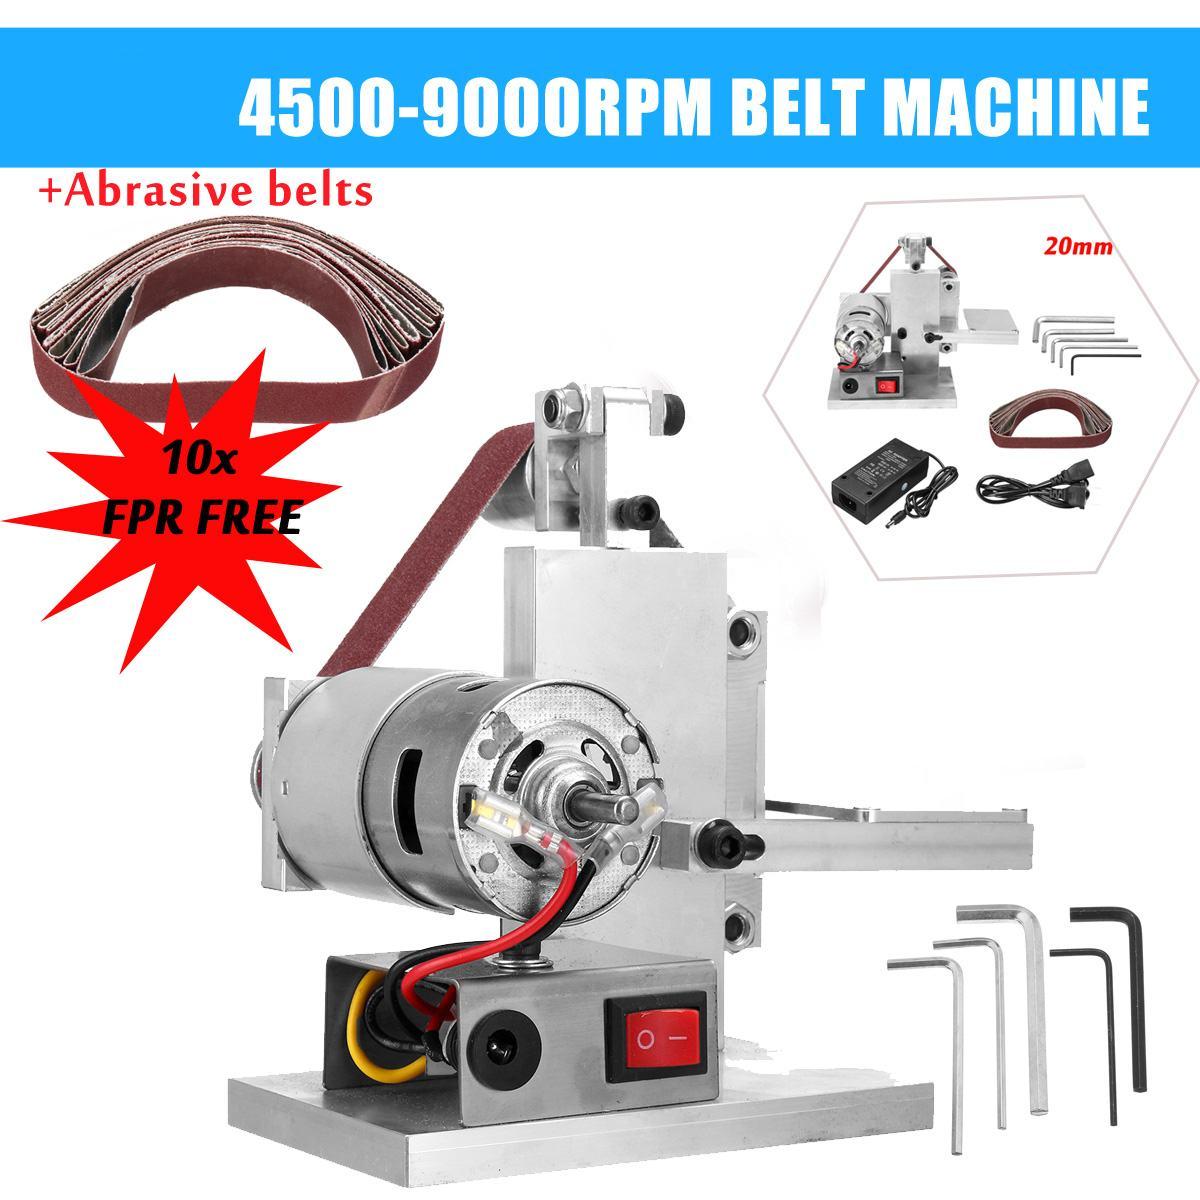 110 240V 10/20mm Mini Electric Belt Sander Polishing Grinding Machine Knife Edges Sharpener Woodworking Metal Grinder Polishing